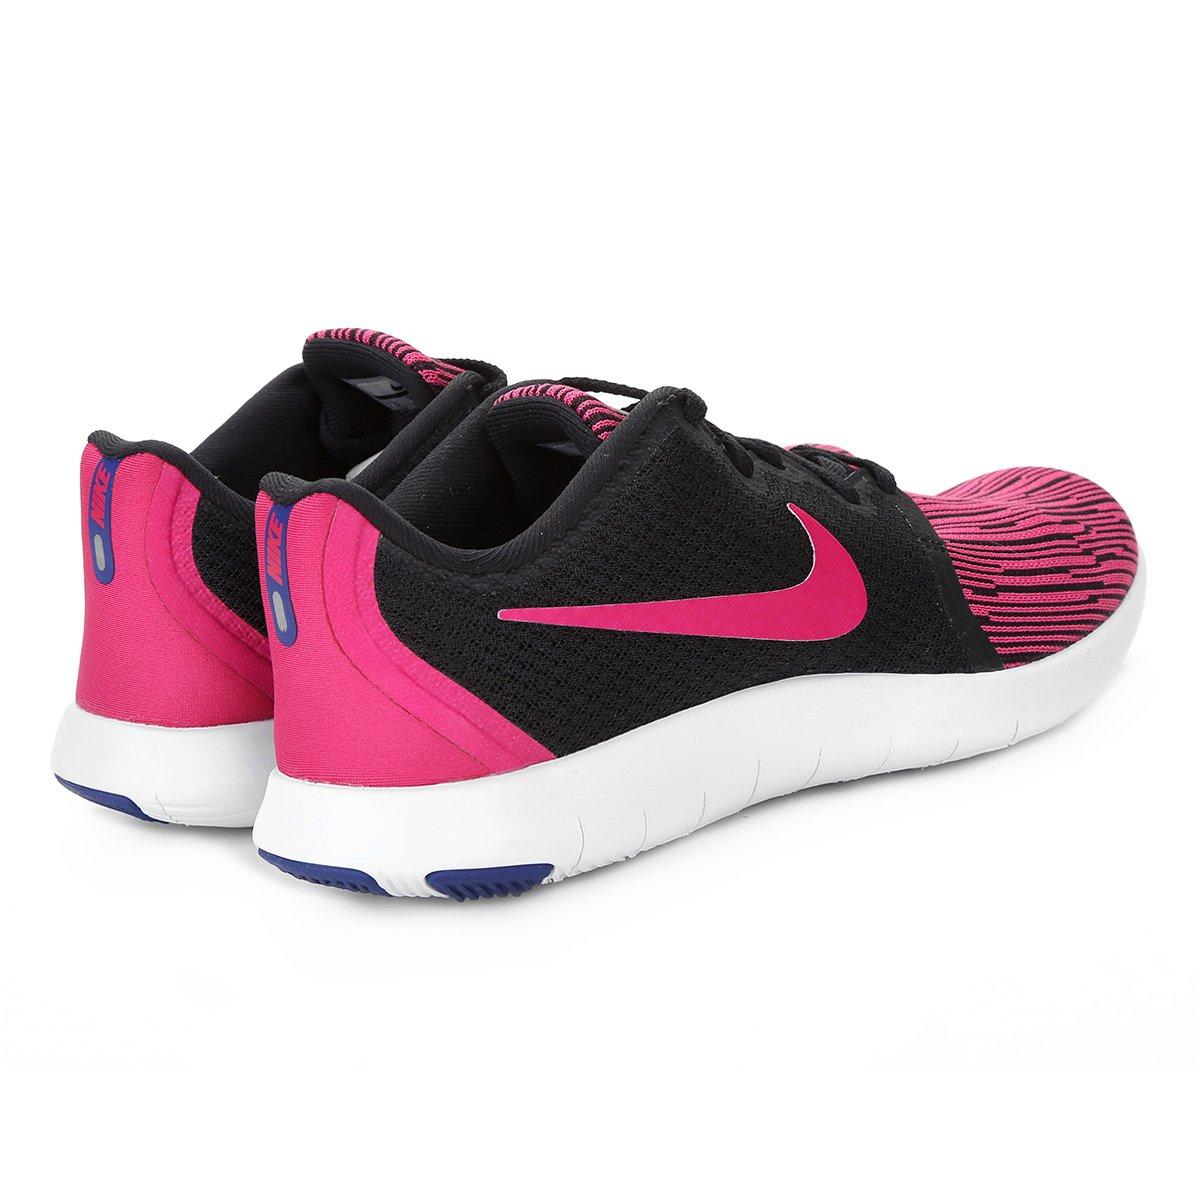 5409d748d3 Tênis Nike Flex Contact 2 Feminino - Preto e Rosa - Compre Agora ...